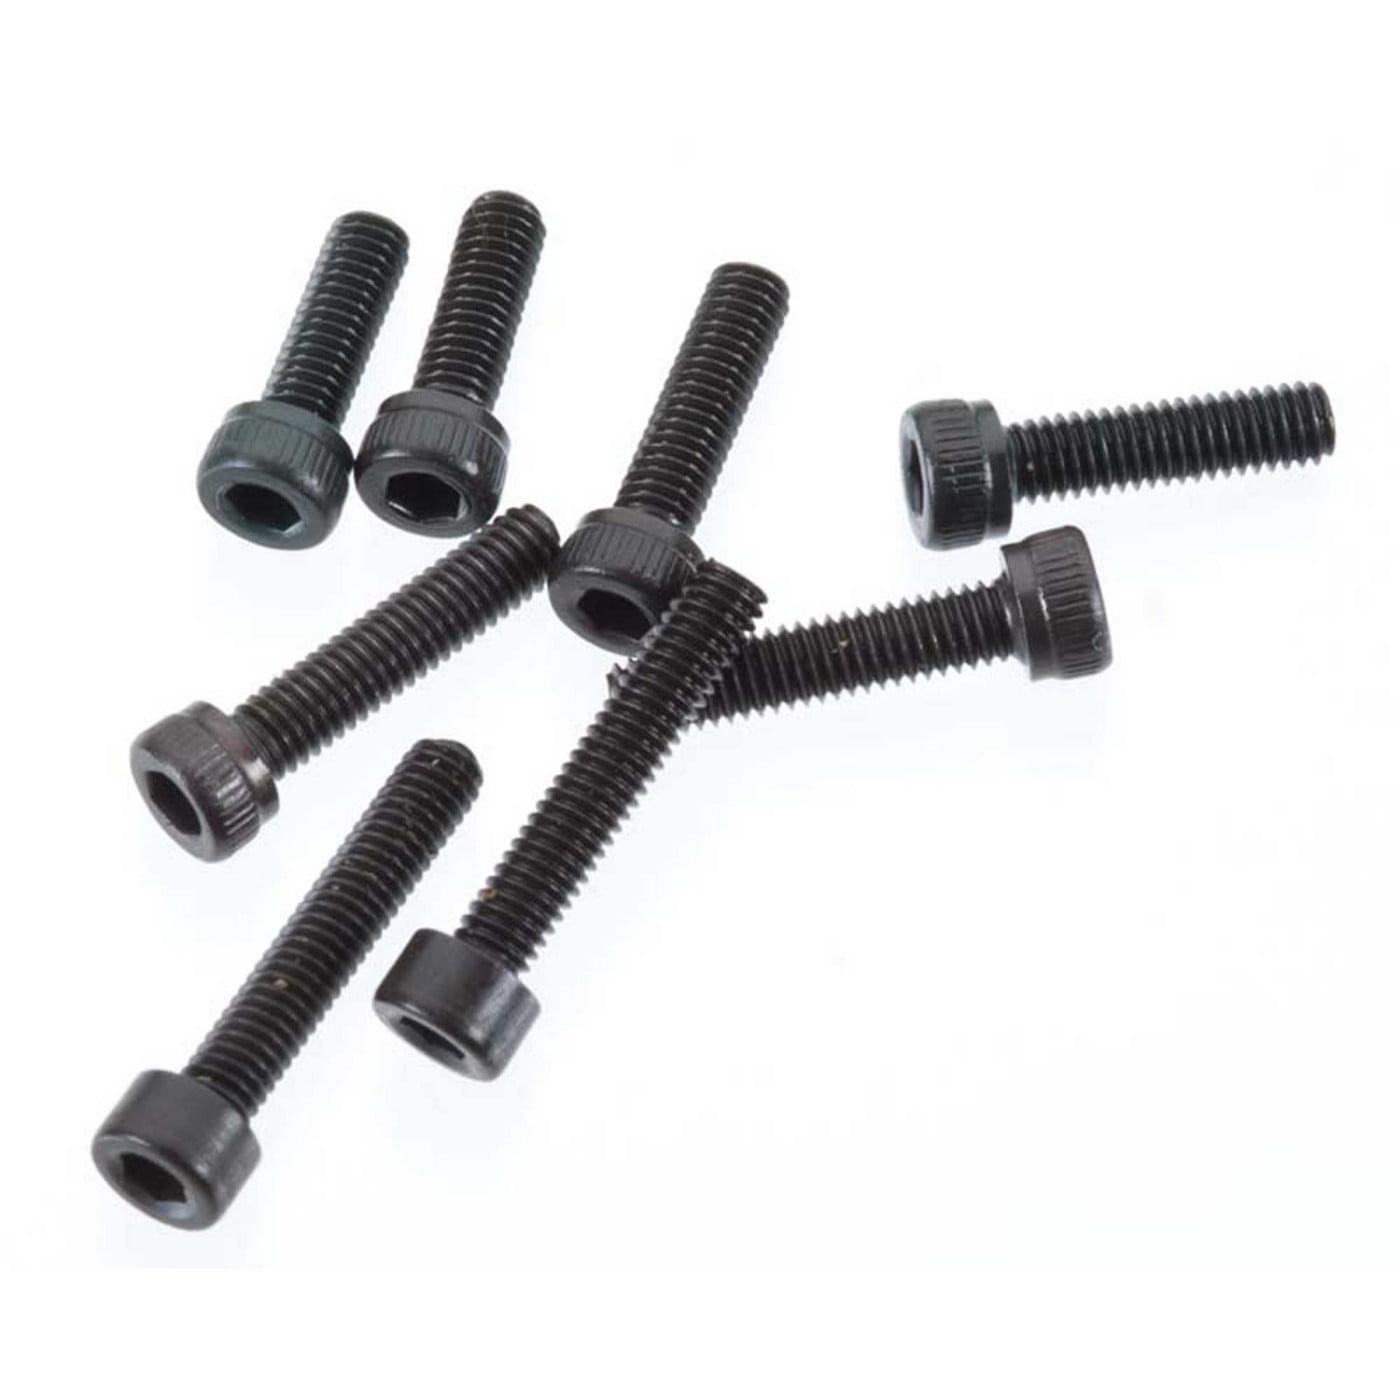 DuraTrax Q0283 Socket Head Machine Screw 2.6mm (8) DTXQ0283